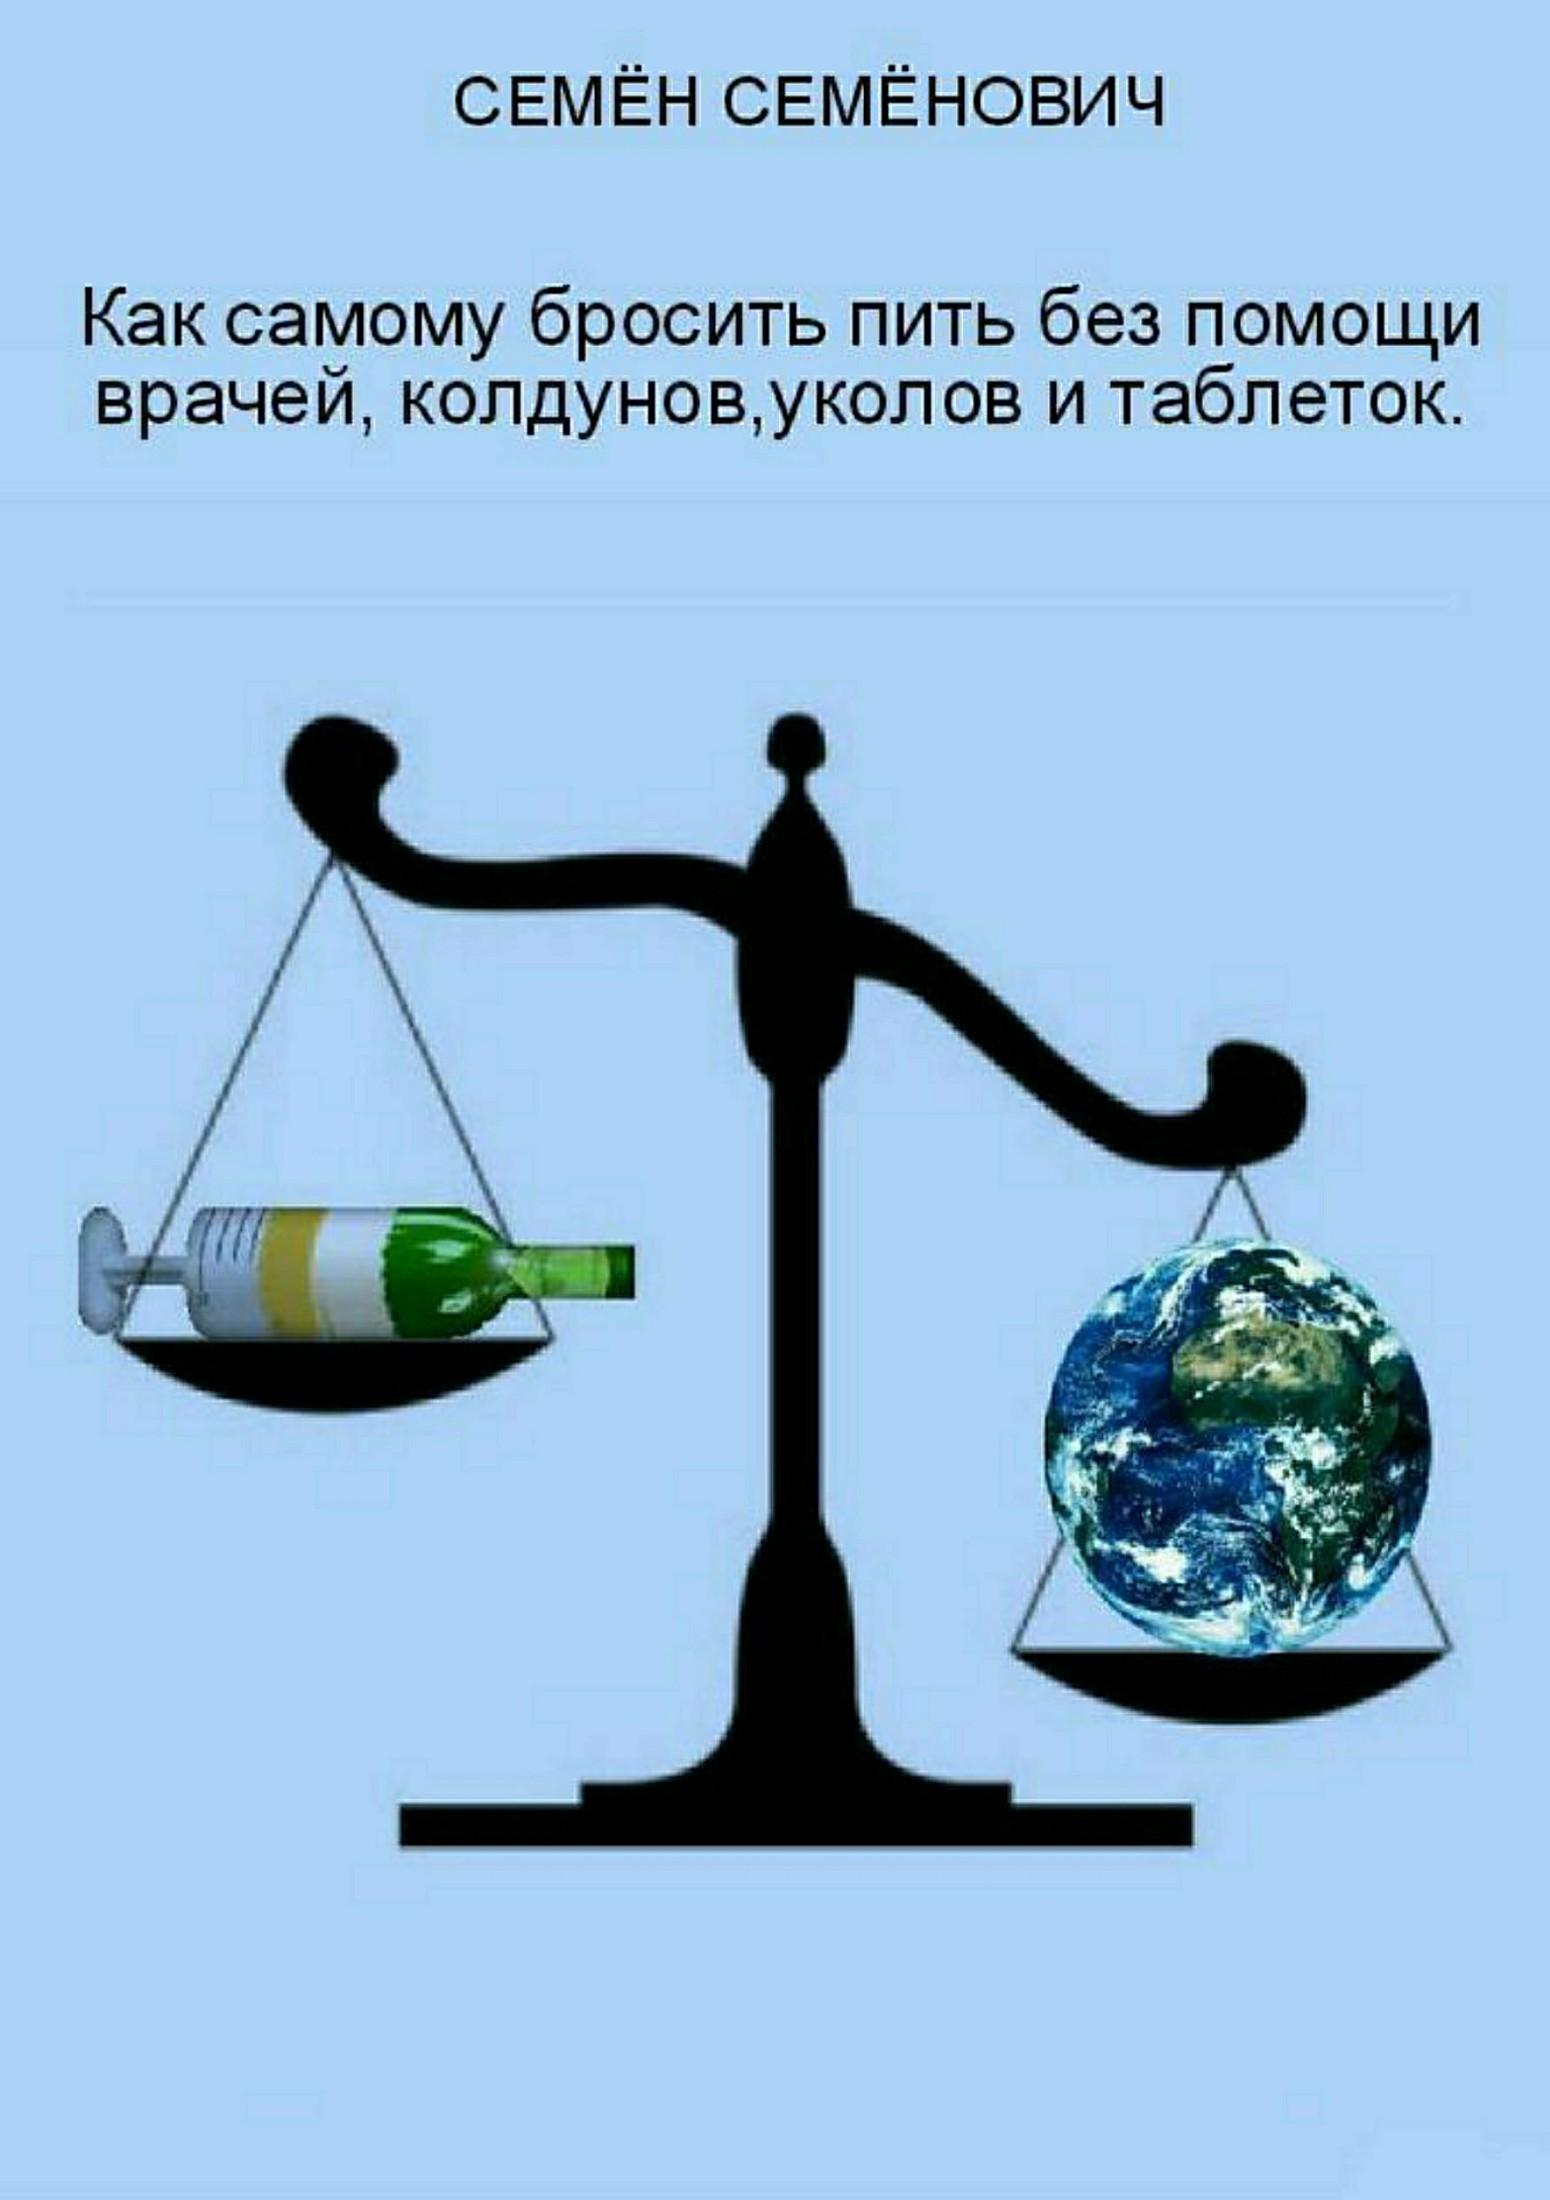 Семён Семёнов «Как самому бросить пить без помощи врачей, колдунов, уколов и таблеток»